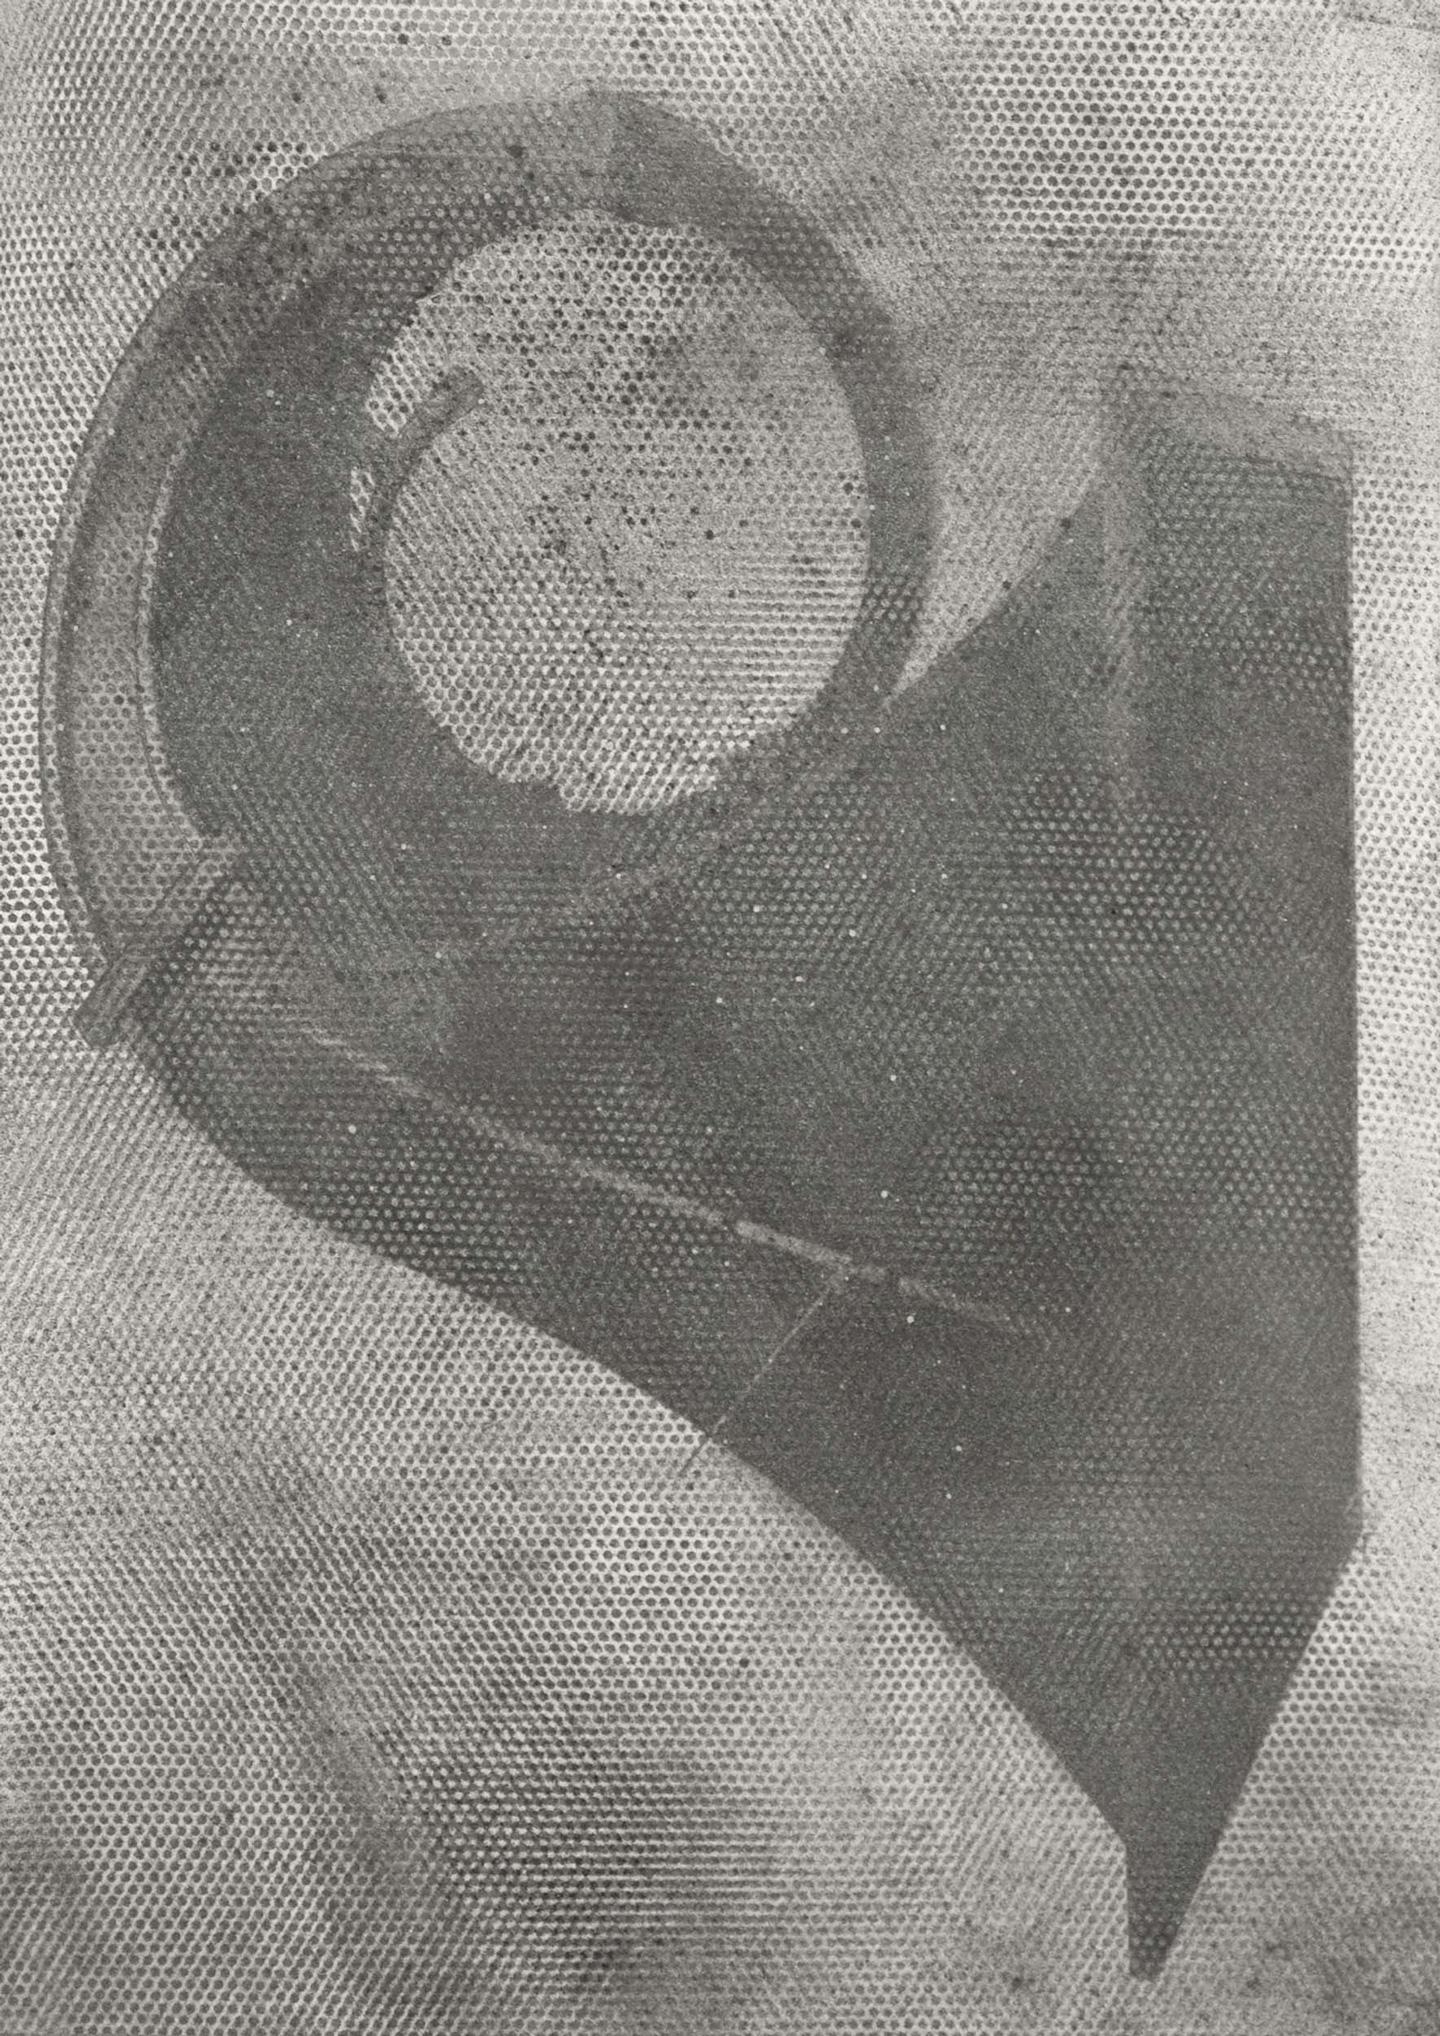 Speaker #2